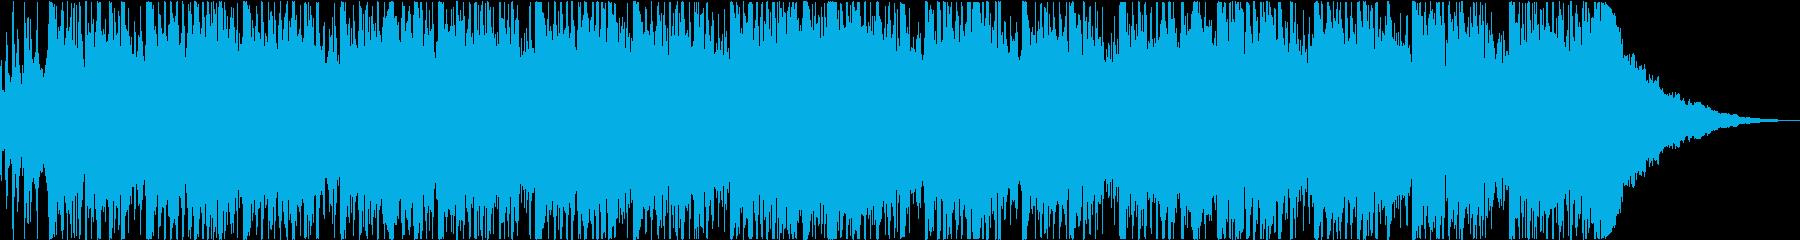 成功する - 爽快で感動的BGM 42秒の再生済みの波形